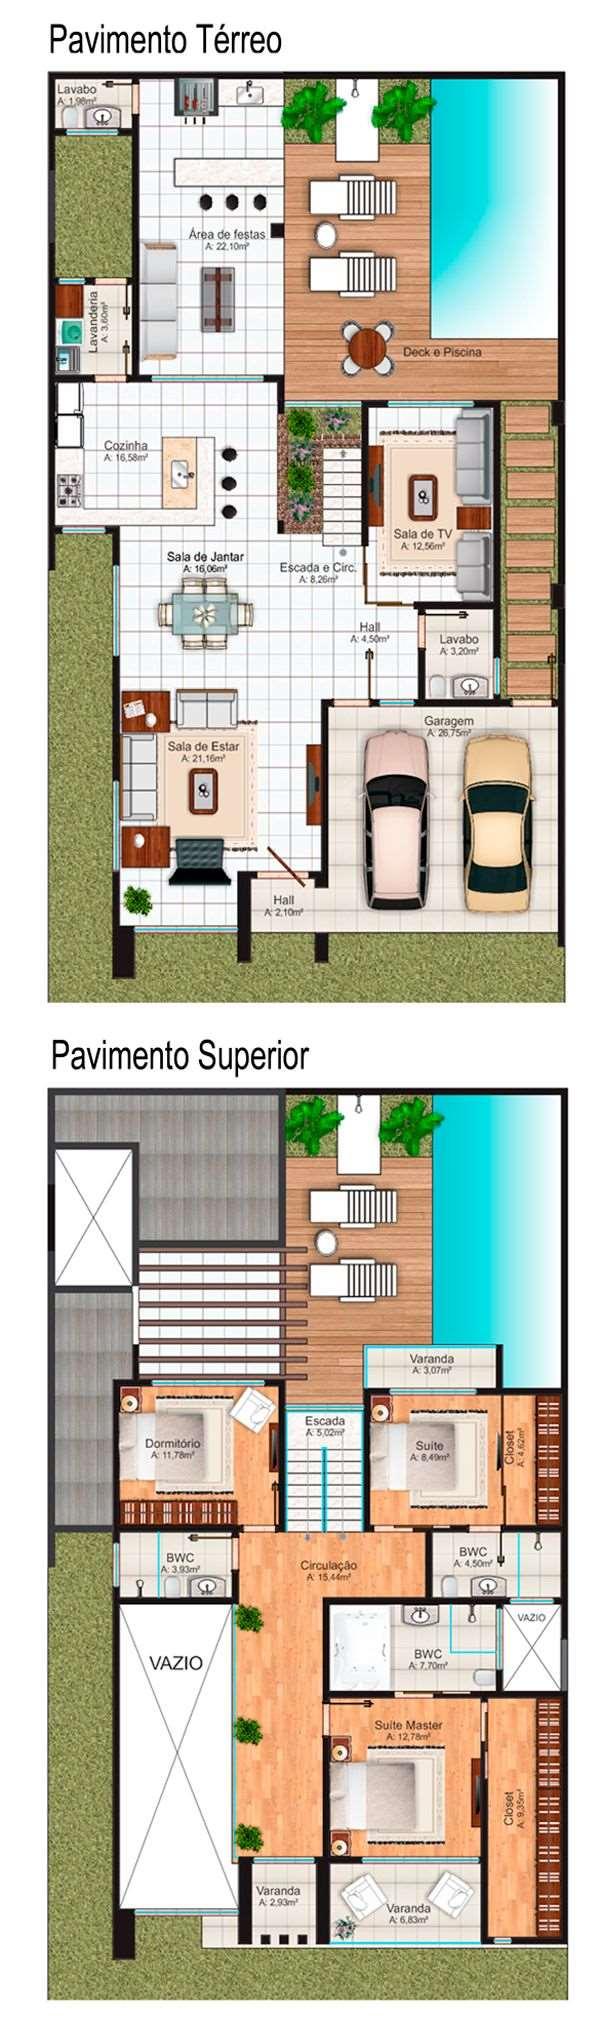 planta sobrado 2 pavimentos com 3 dormitórios modernos